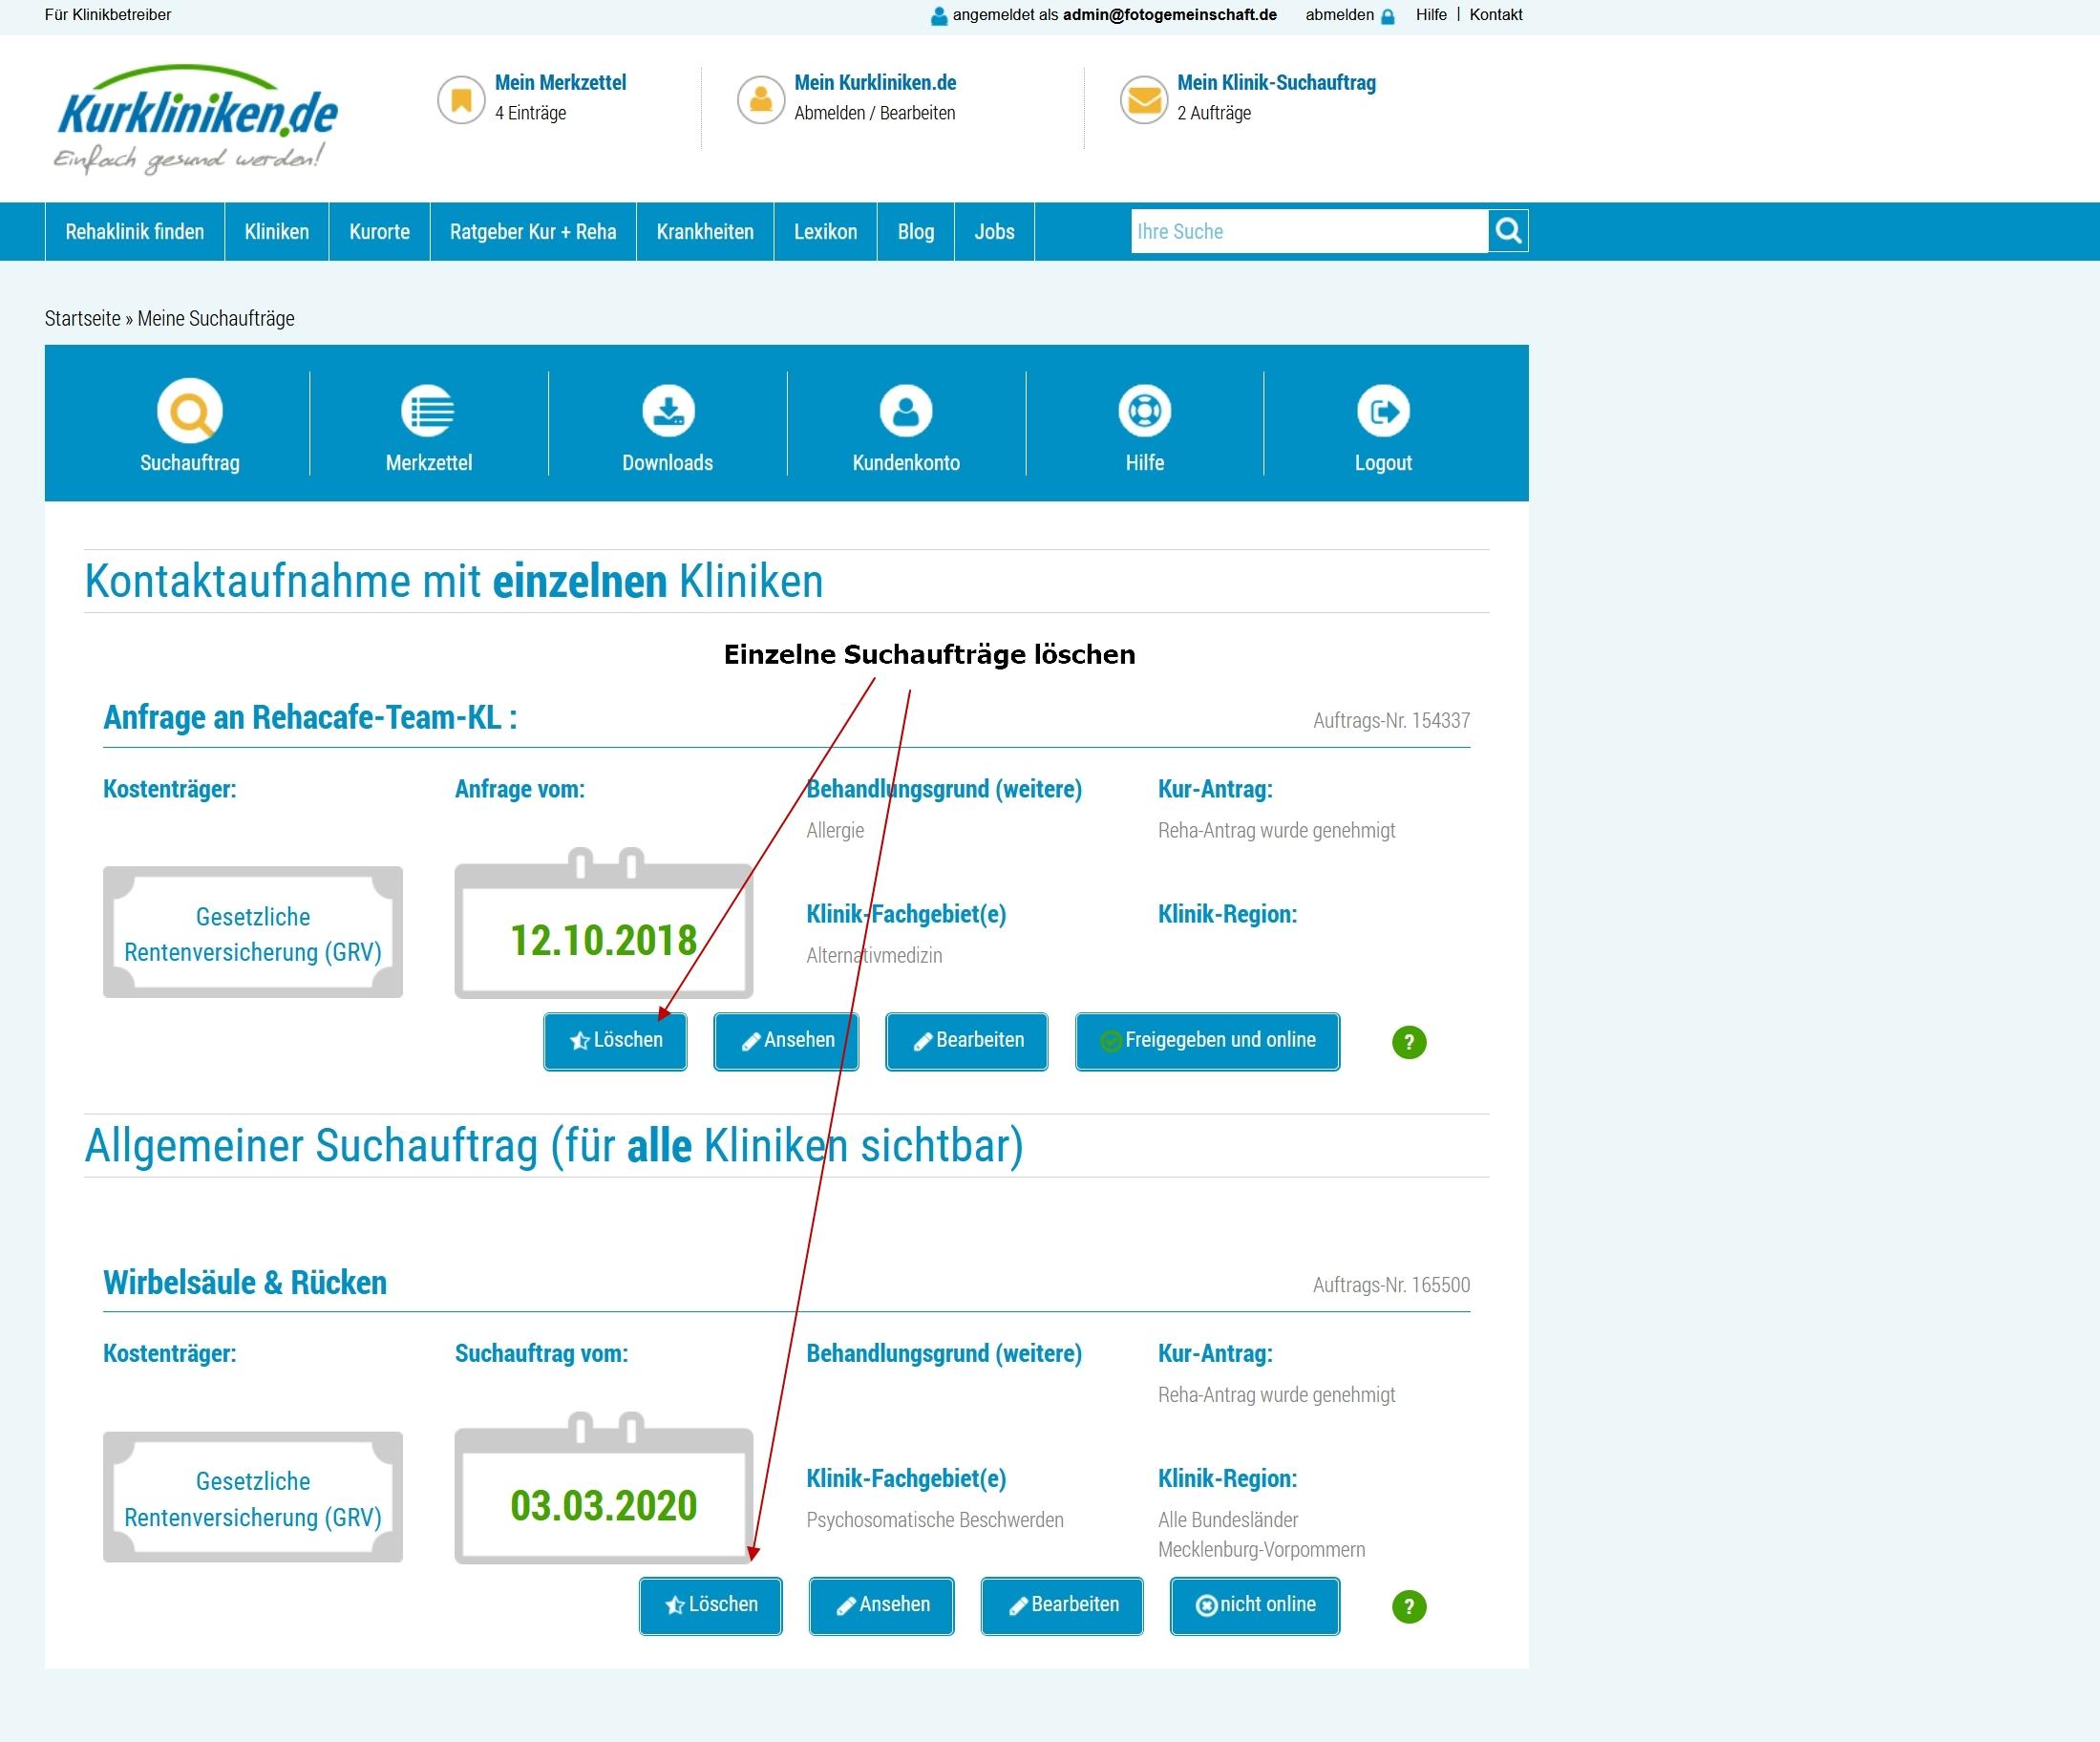 Kurkliniken.de: Suchauftrag löschen